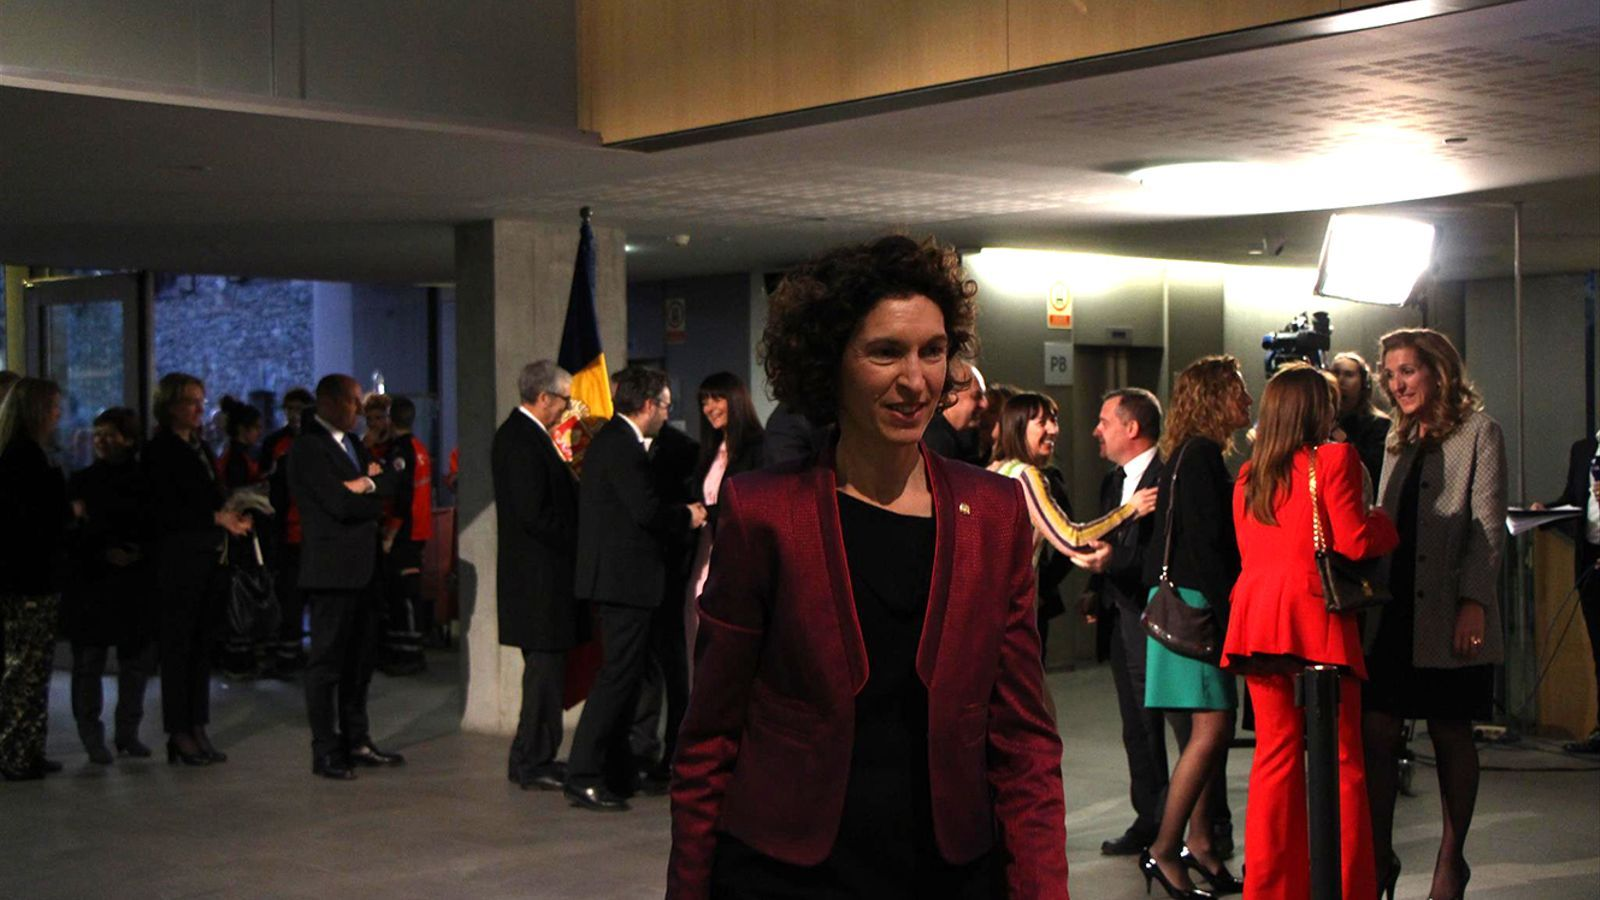 La ministra d'Afers Exteriors en funcions, Maria Ubach, durant la celebració del dia de la Constitució. / M. F. (ANA)